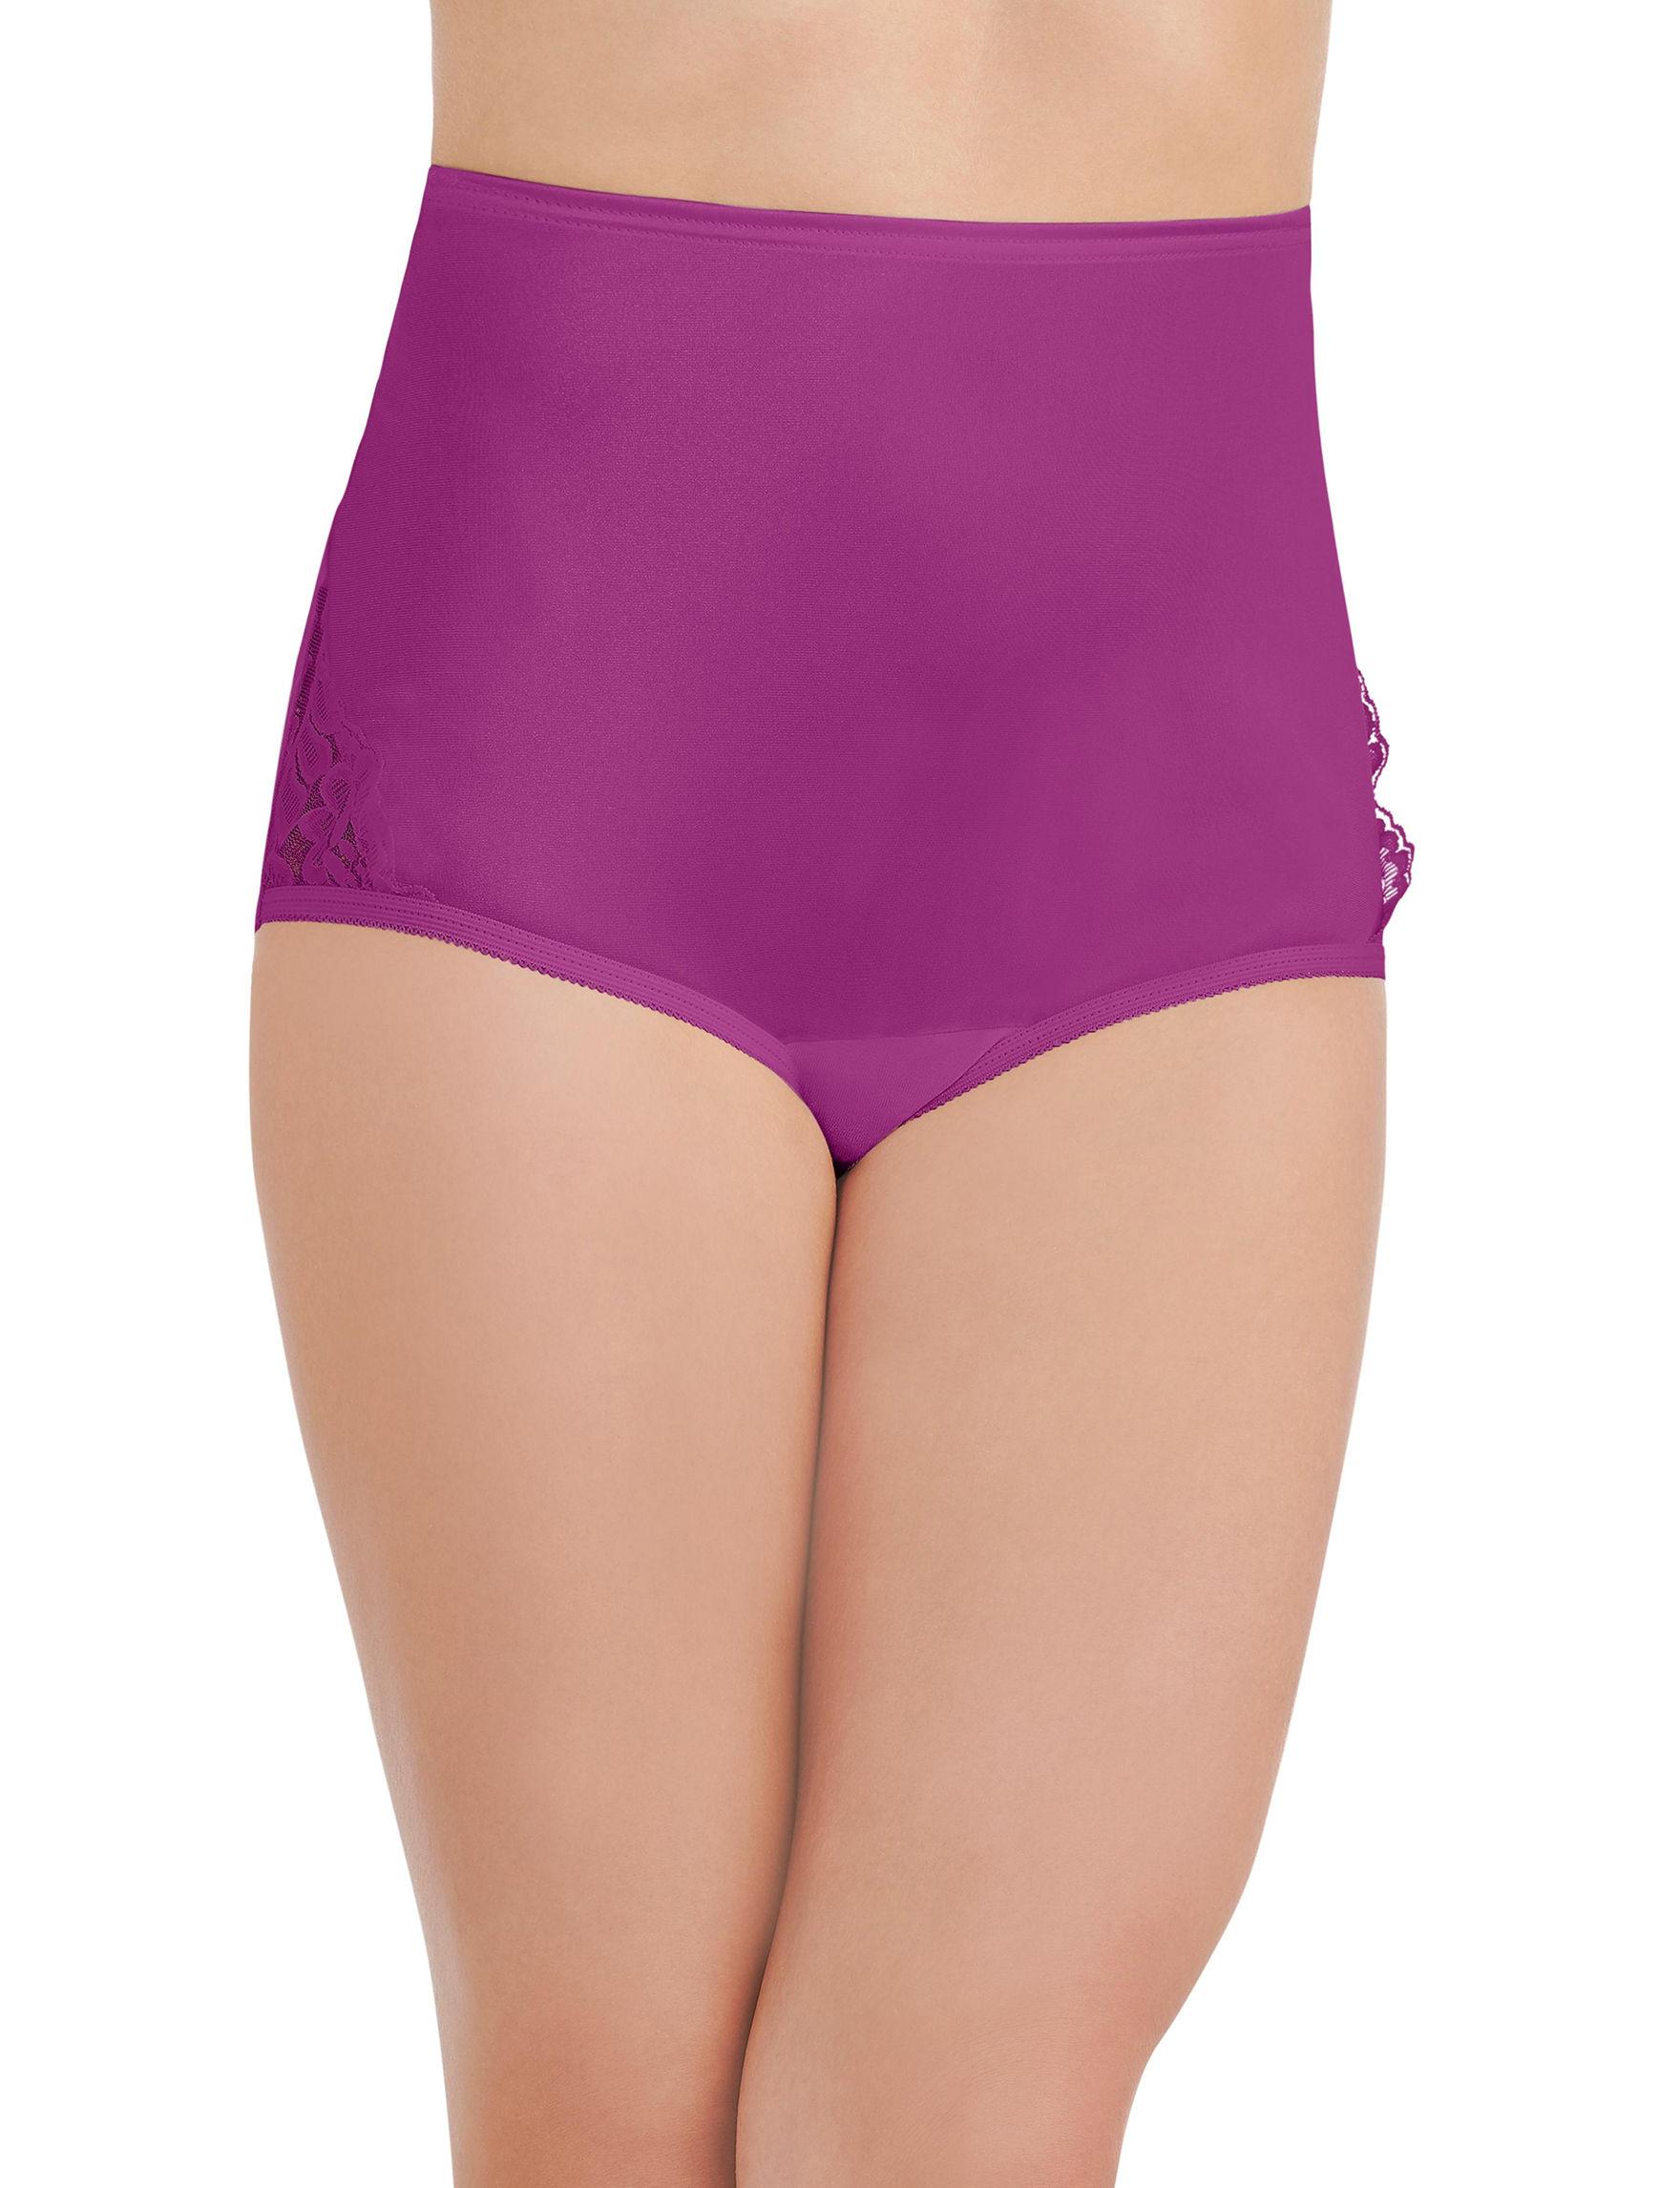 Vanity Fair Purple Panties Briefs